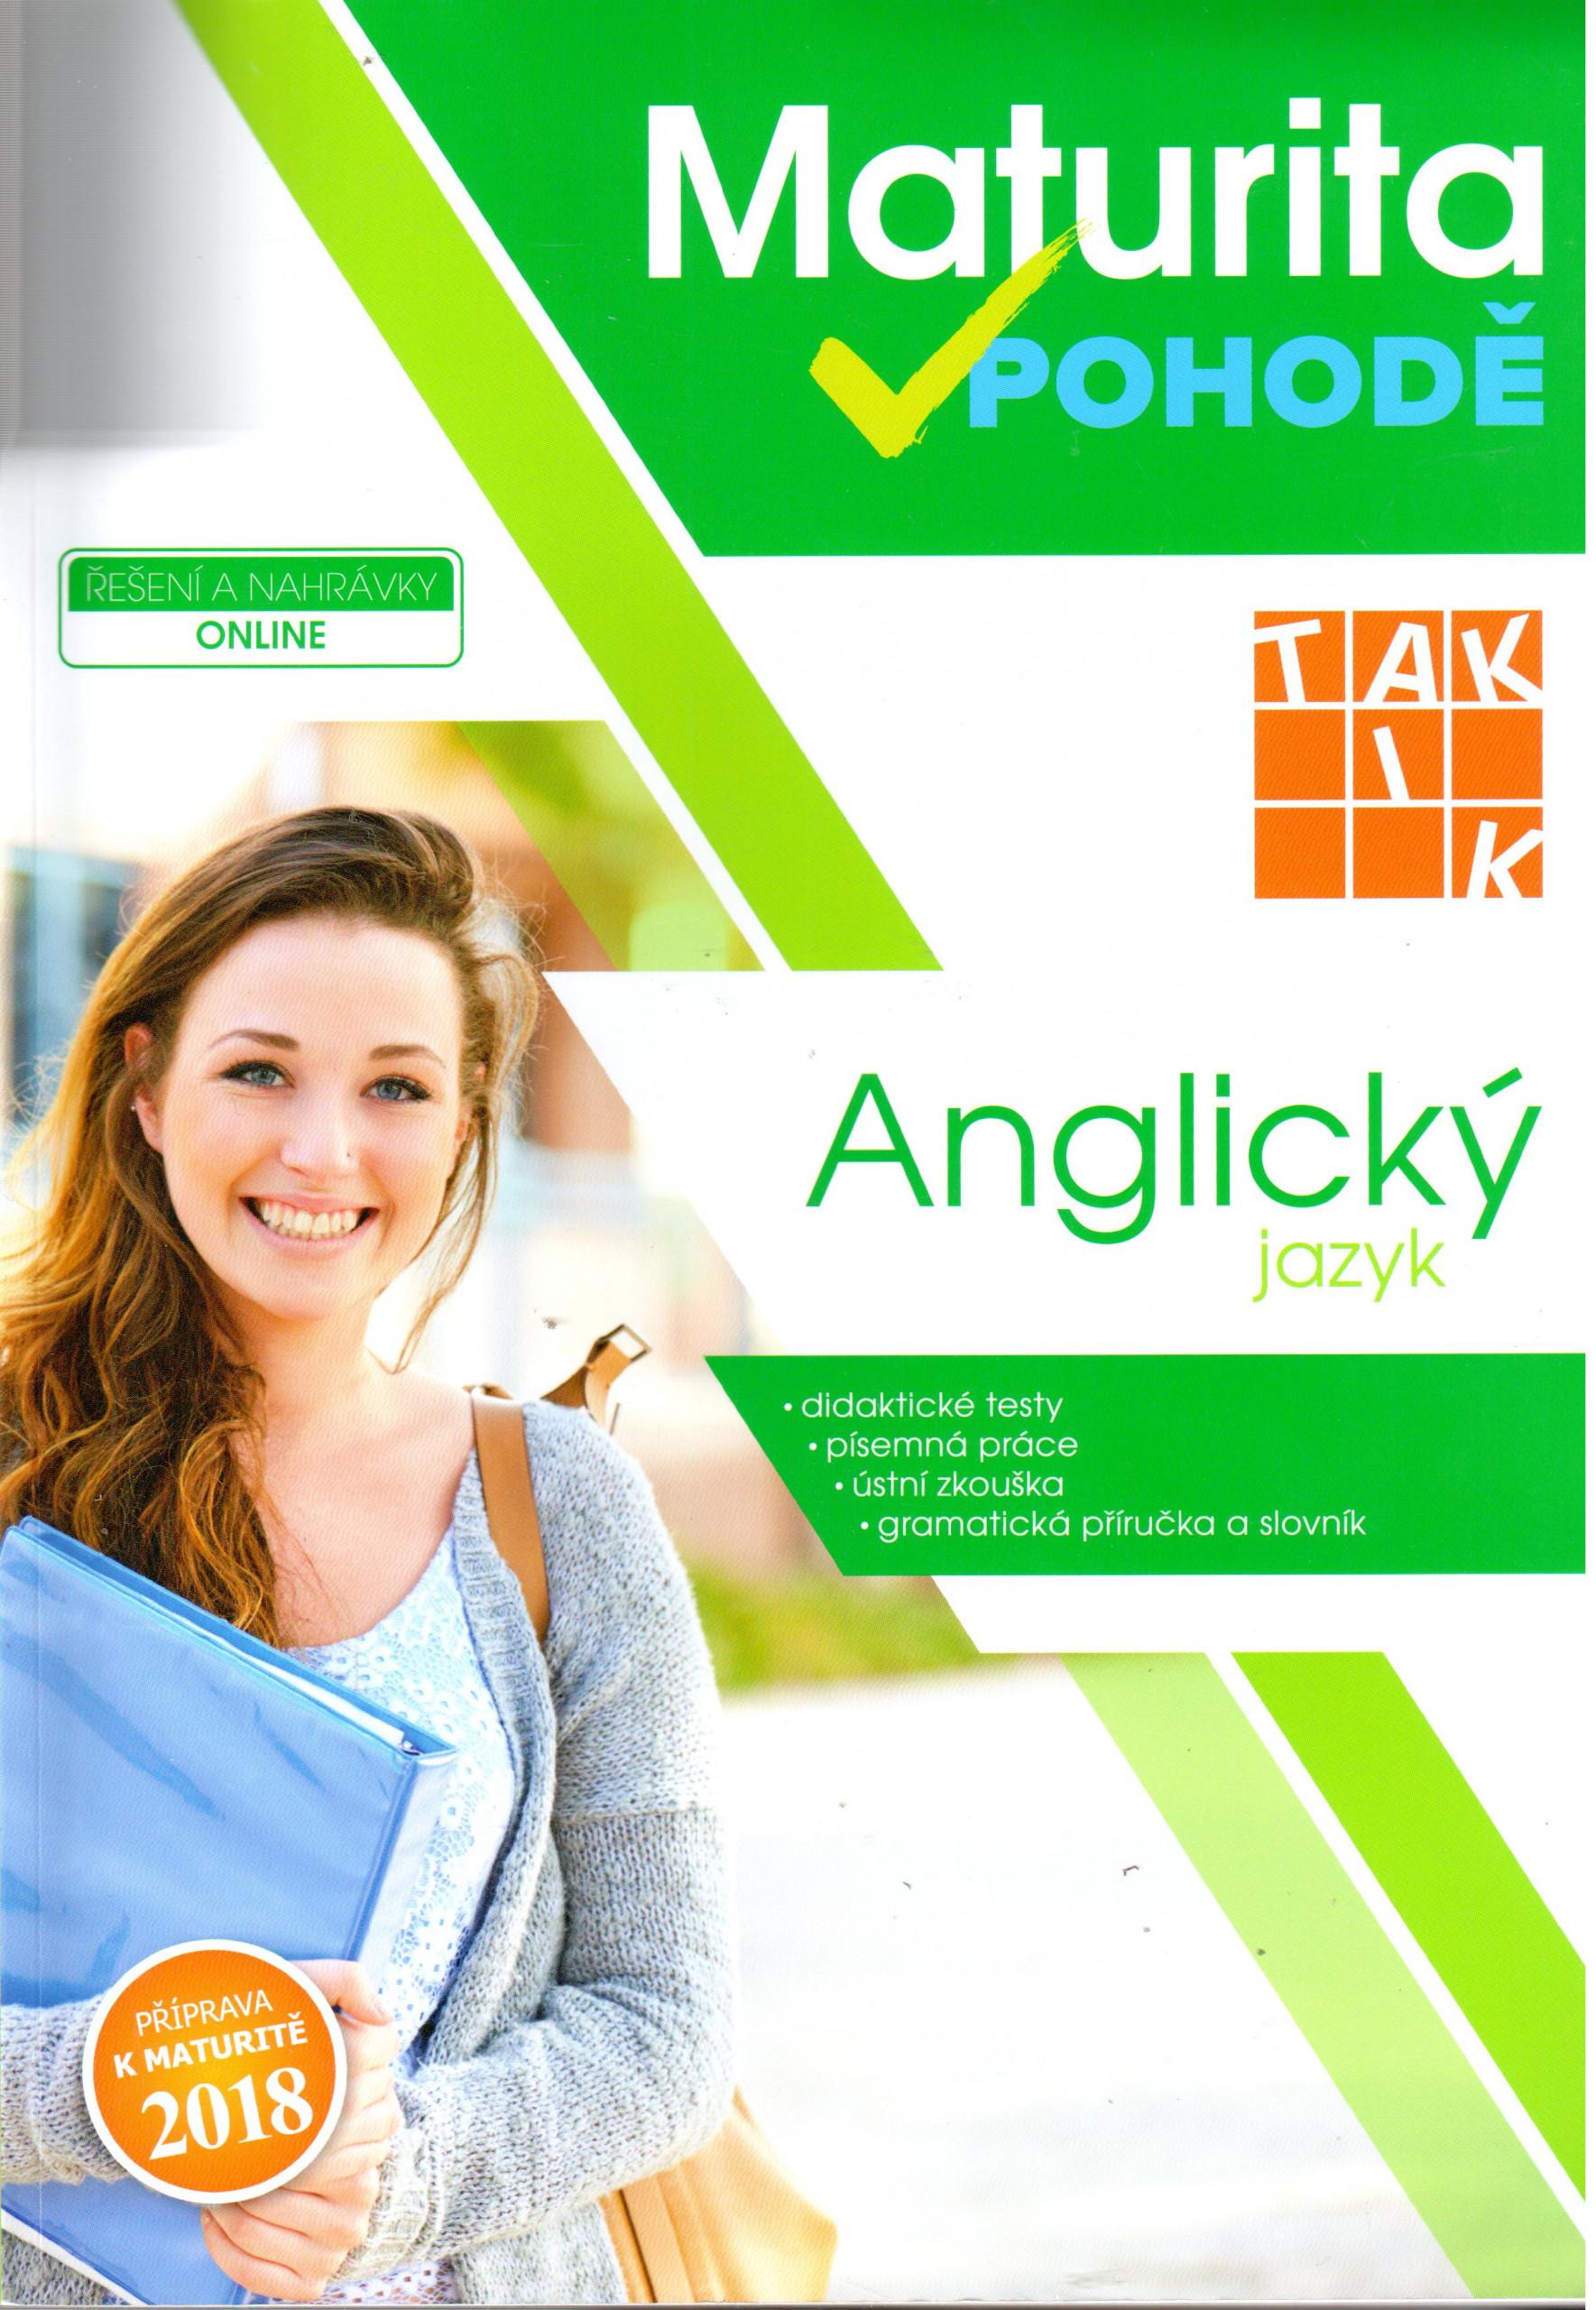 Maturita v pohodě: Anglický jazyk - Náhled učebnice